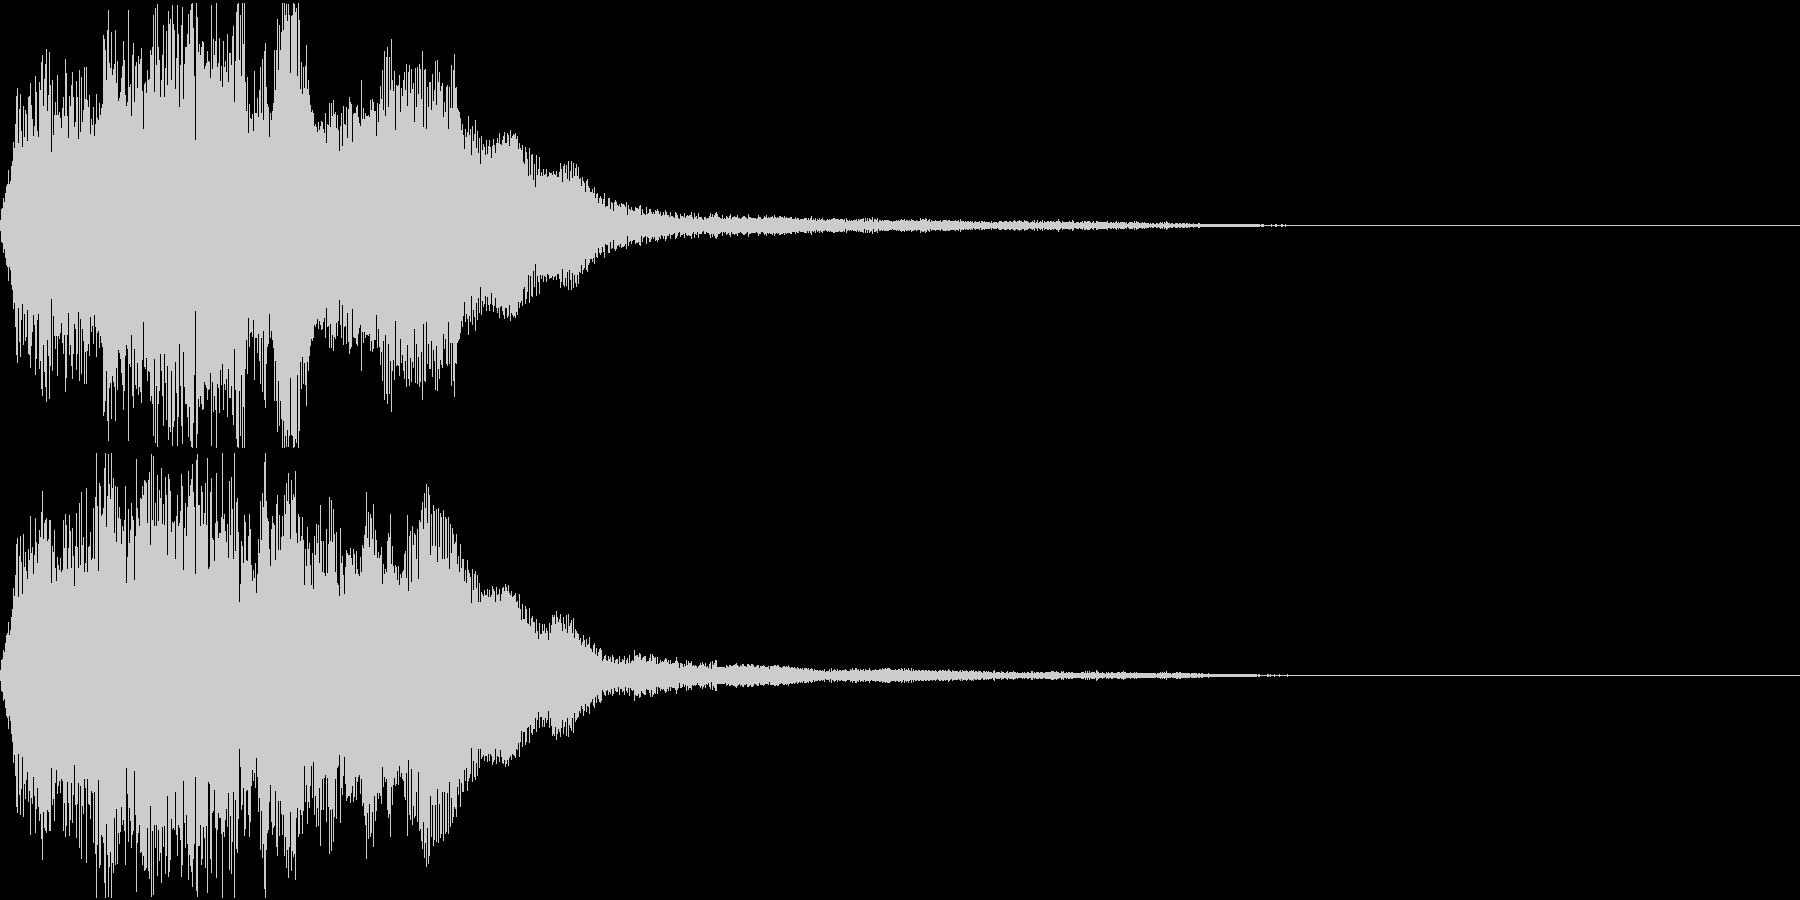 ラッパ ファンファーレ 定番 7 早いの未再生の波形